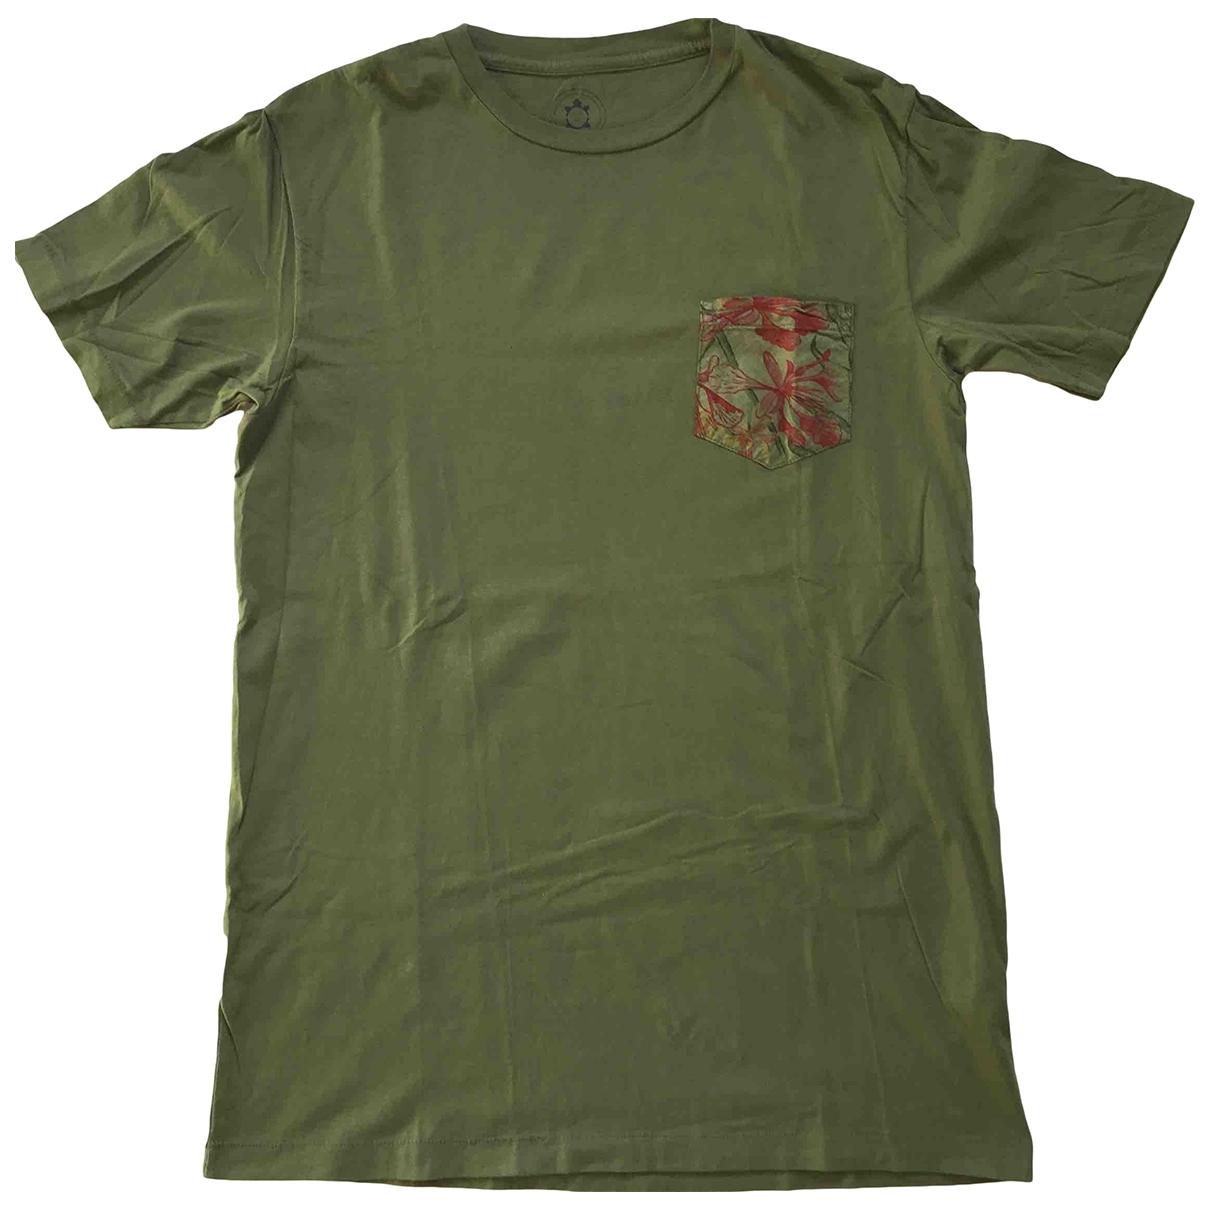 Slowear \N T-Shirts in  Gruen Baumwolle